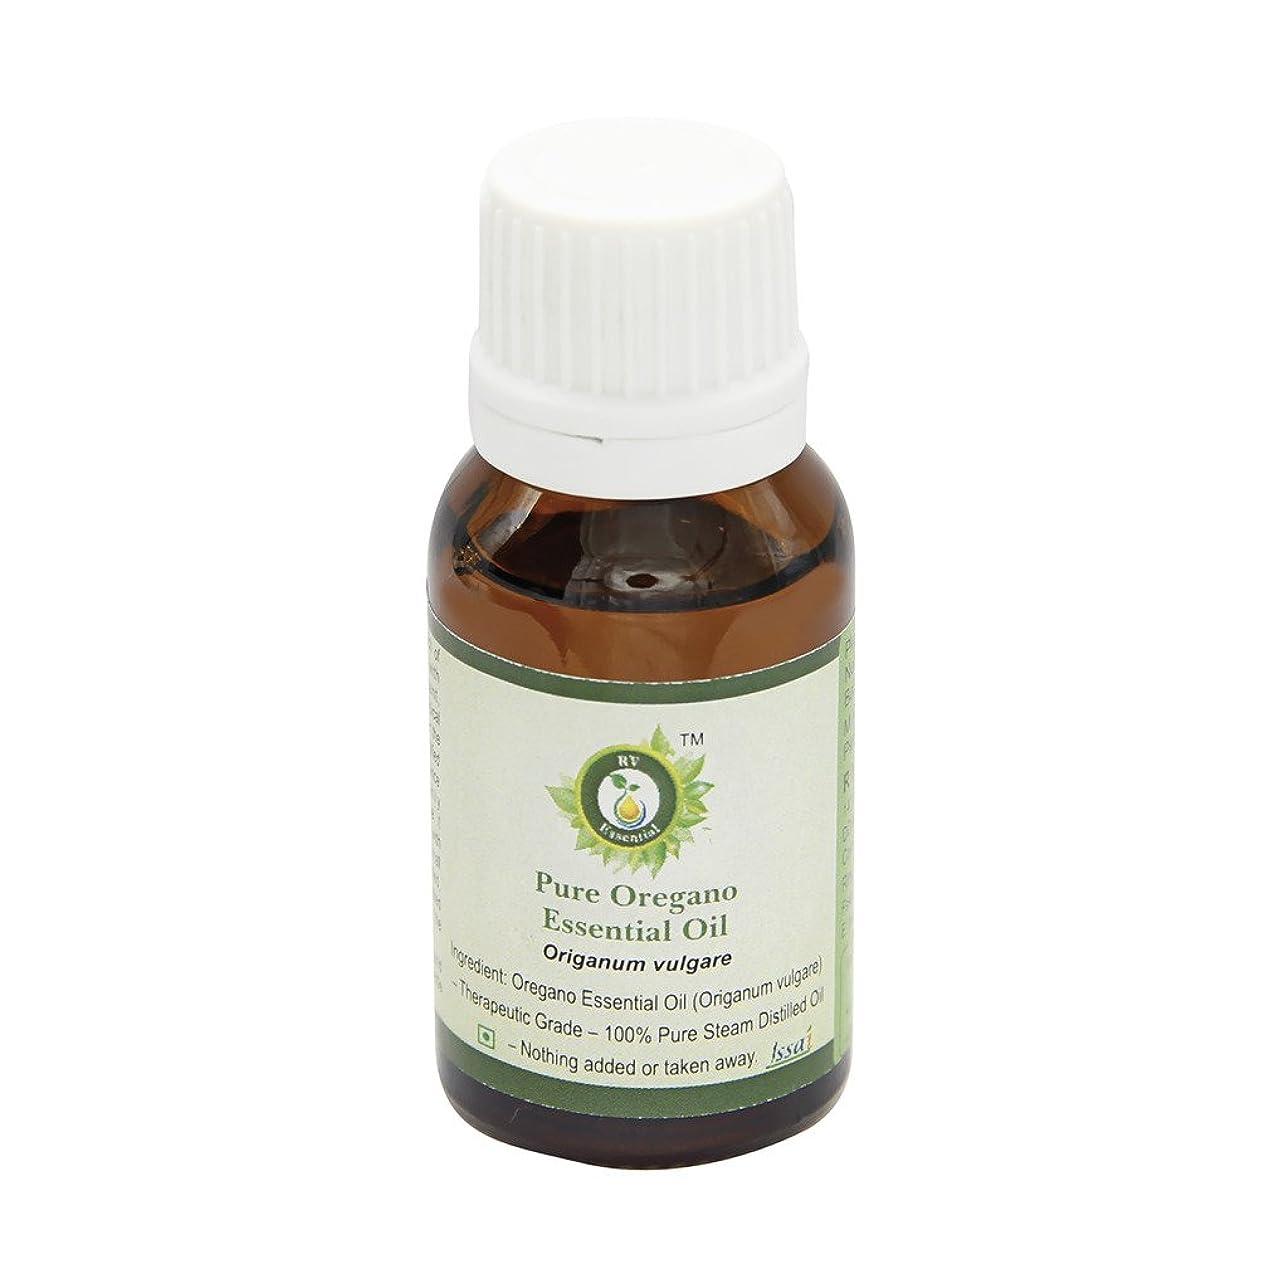 規制する異なる鼓舞するR V Essential ピュアオレガノエッセンシャルオイル10ml (0.338oz)- Origanum Vulgare (100%純粋&天然スチームDistilled) Pure Oregano Essential Oil